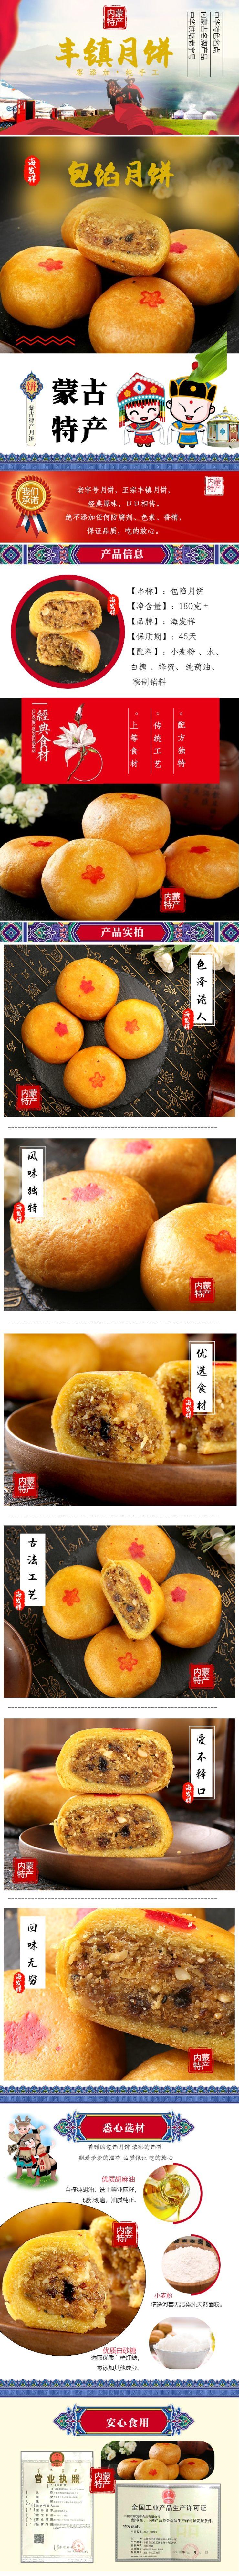 橙色中国风面包点心电商宣传营销宝贝详情